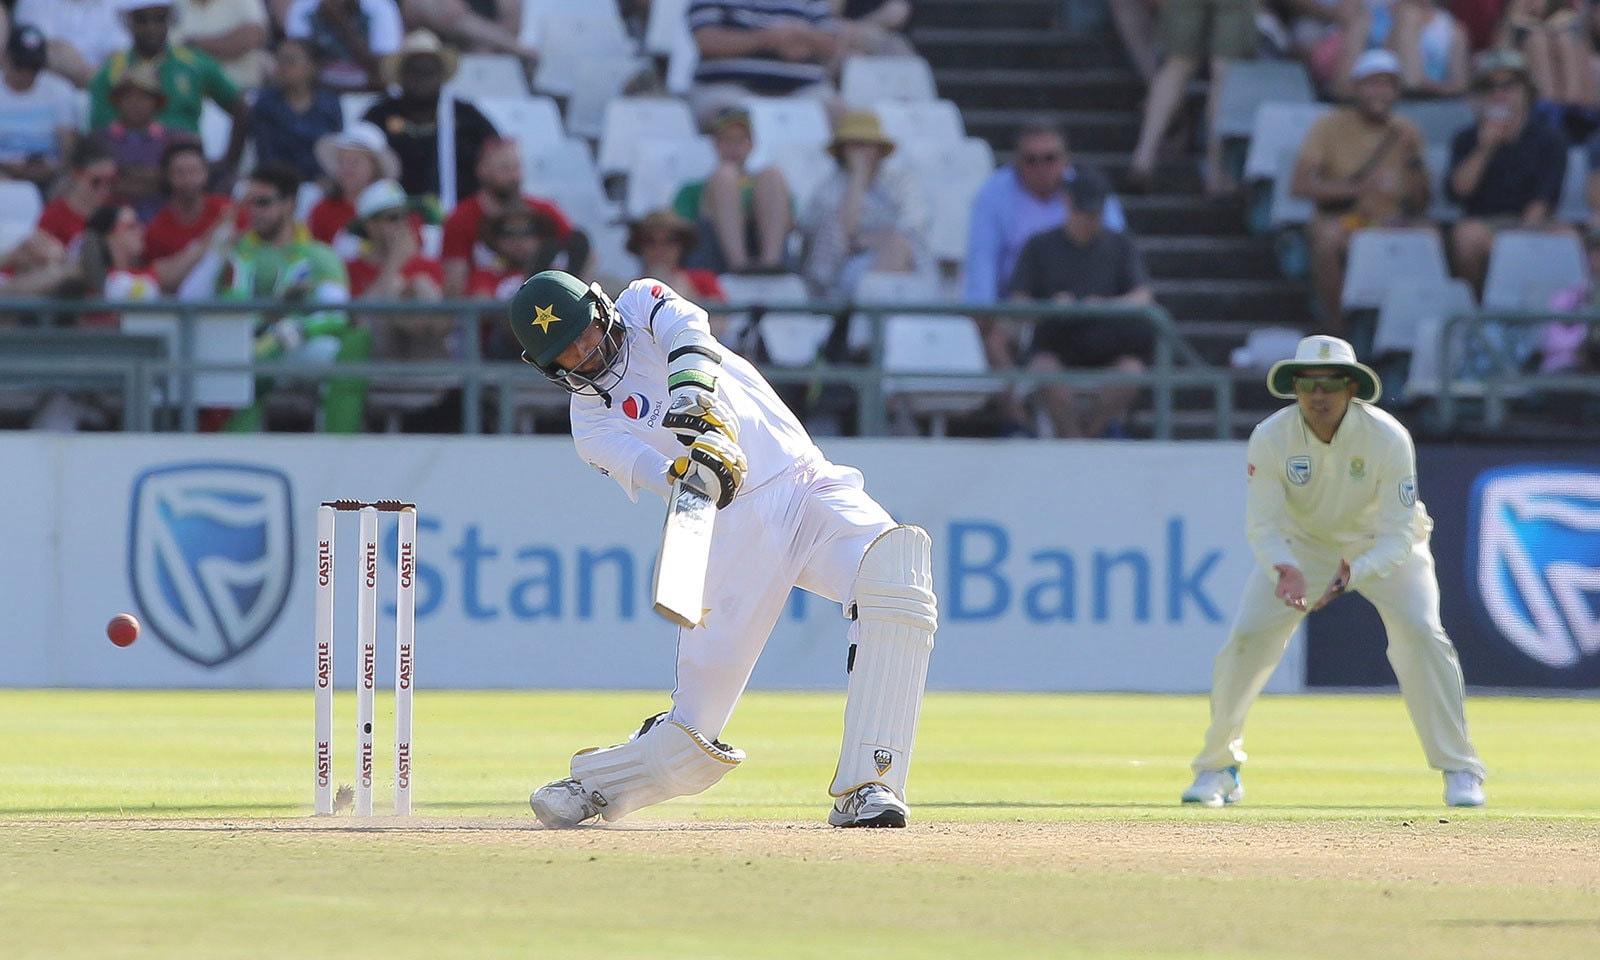 پاکستان کی پوری ٹیم 294 رنز بنا کر آؤٹ ہوئی—فوٹو:اے پی